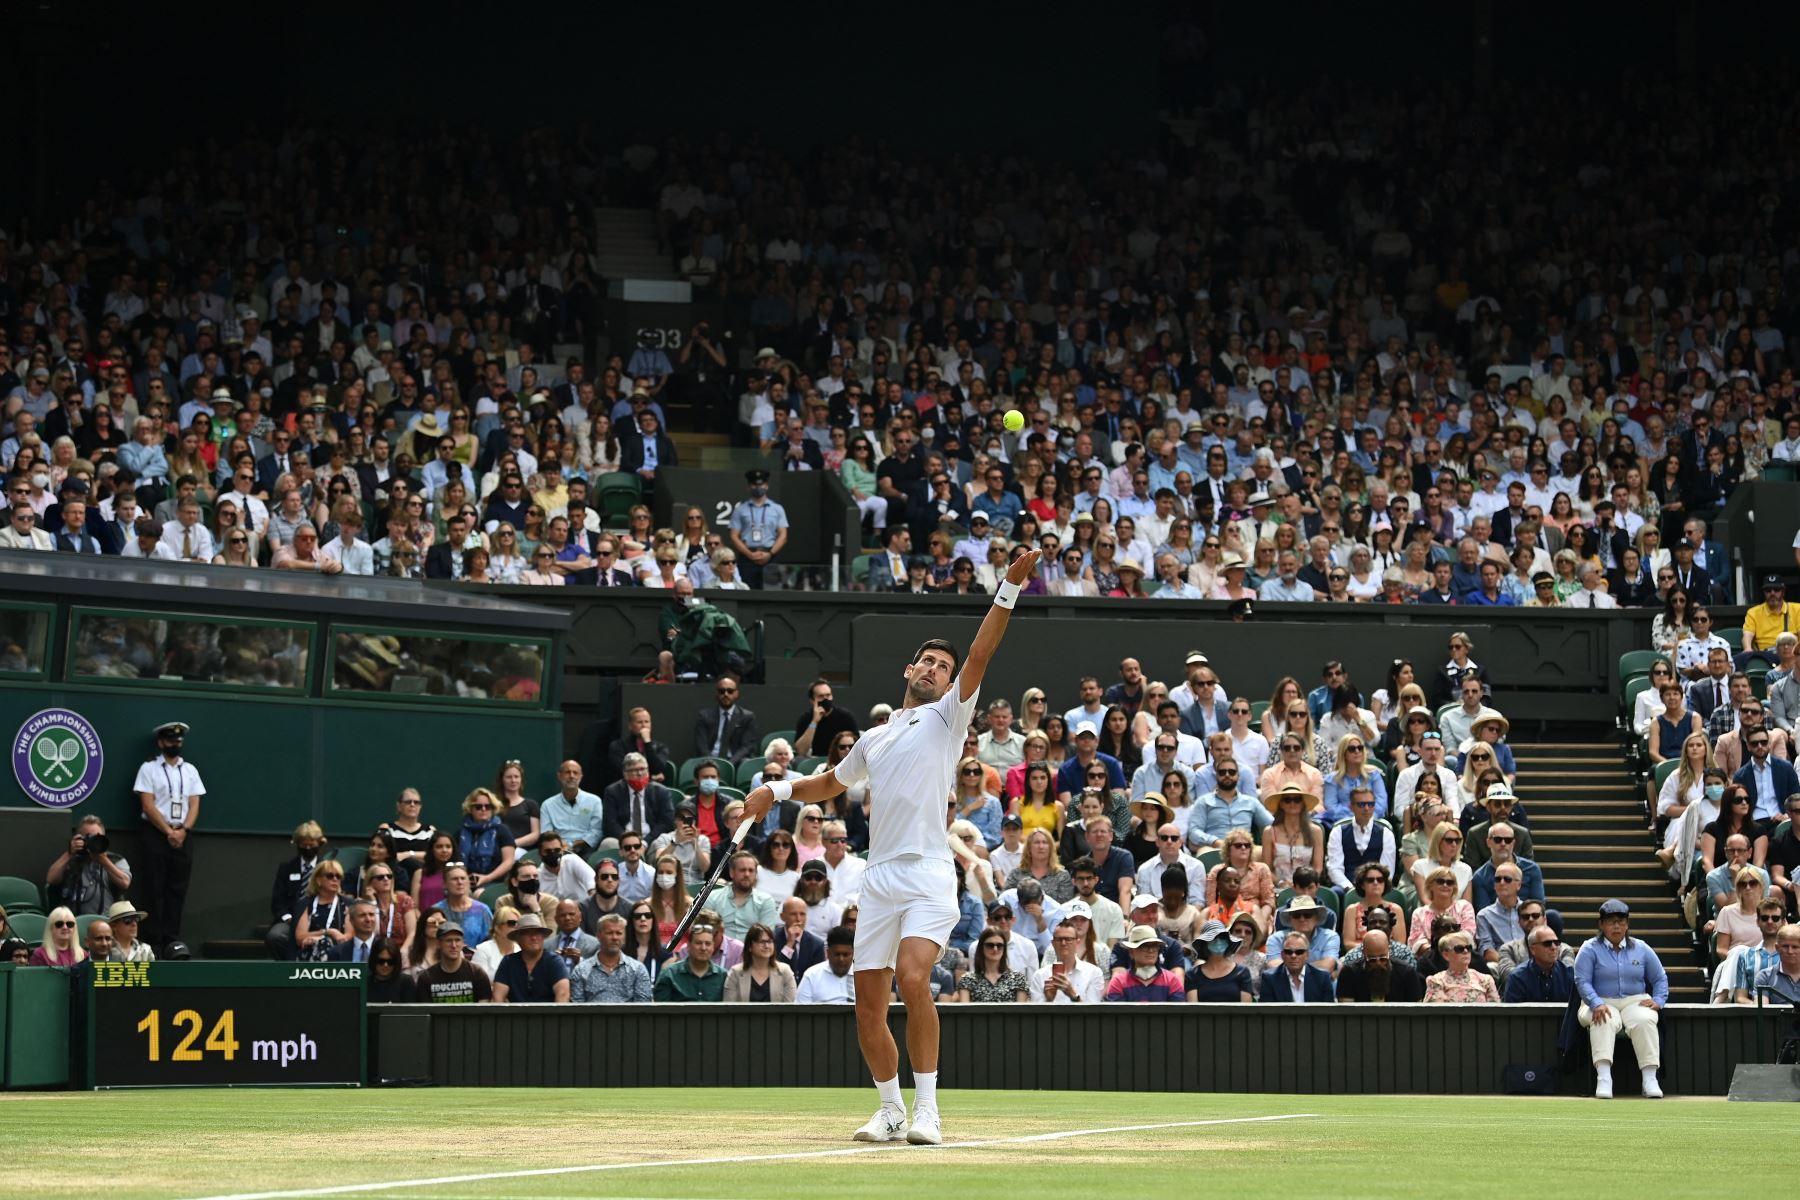 El serbio Novak Djokovic sirve al italiano Matteo Berrettini durante el partido final de individuales masculinos en el decimotercer día del Campeonato de Wimbledon 2021. Foto: AFP